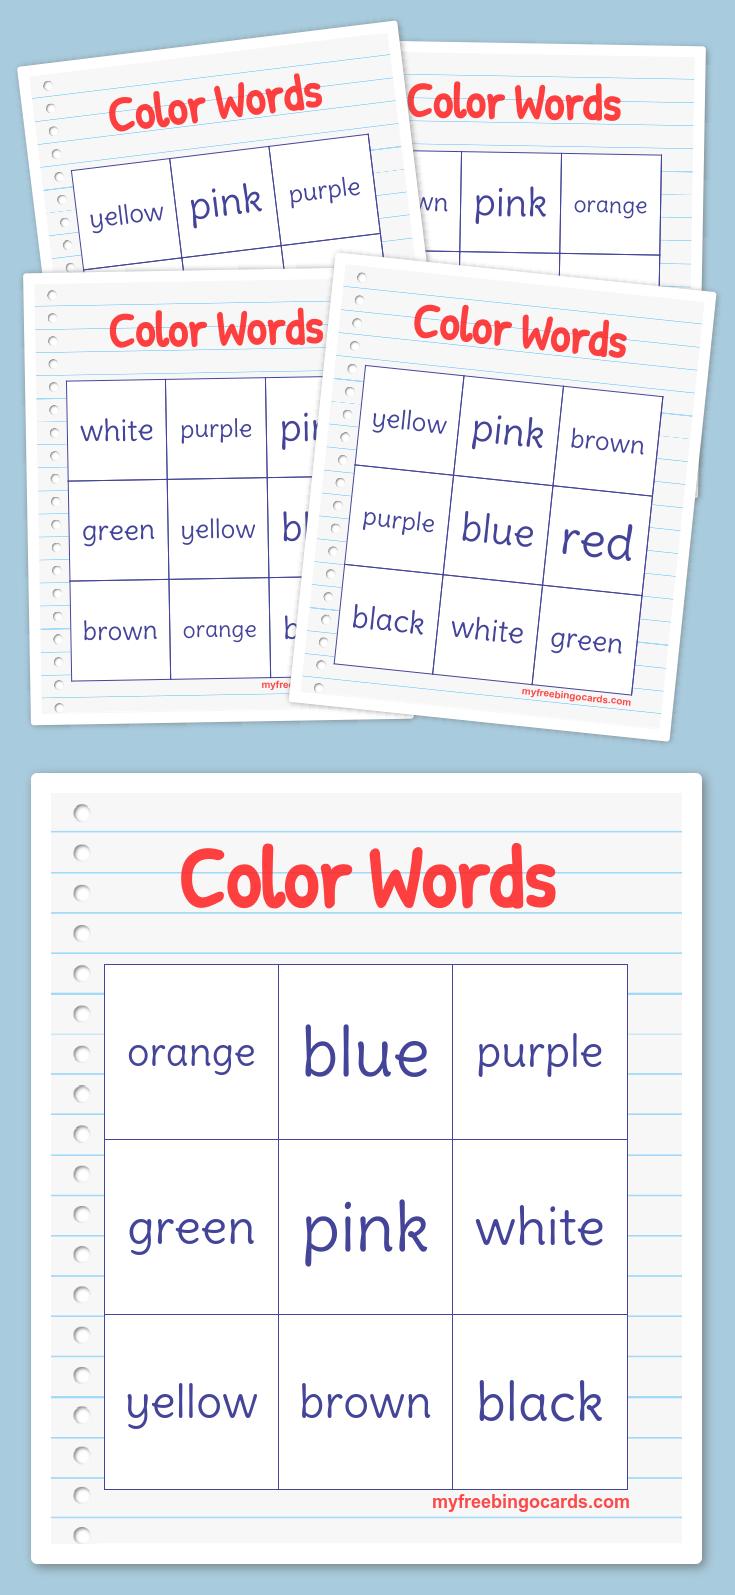 Color Words Bingo Bingo Cards Word Bingo Bingo Card Generator [ 1595 x 735 Pixel ]